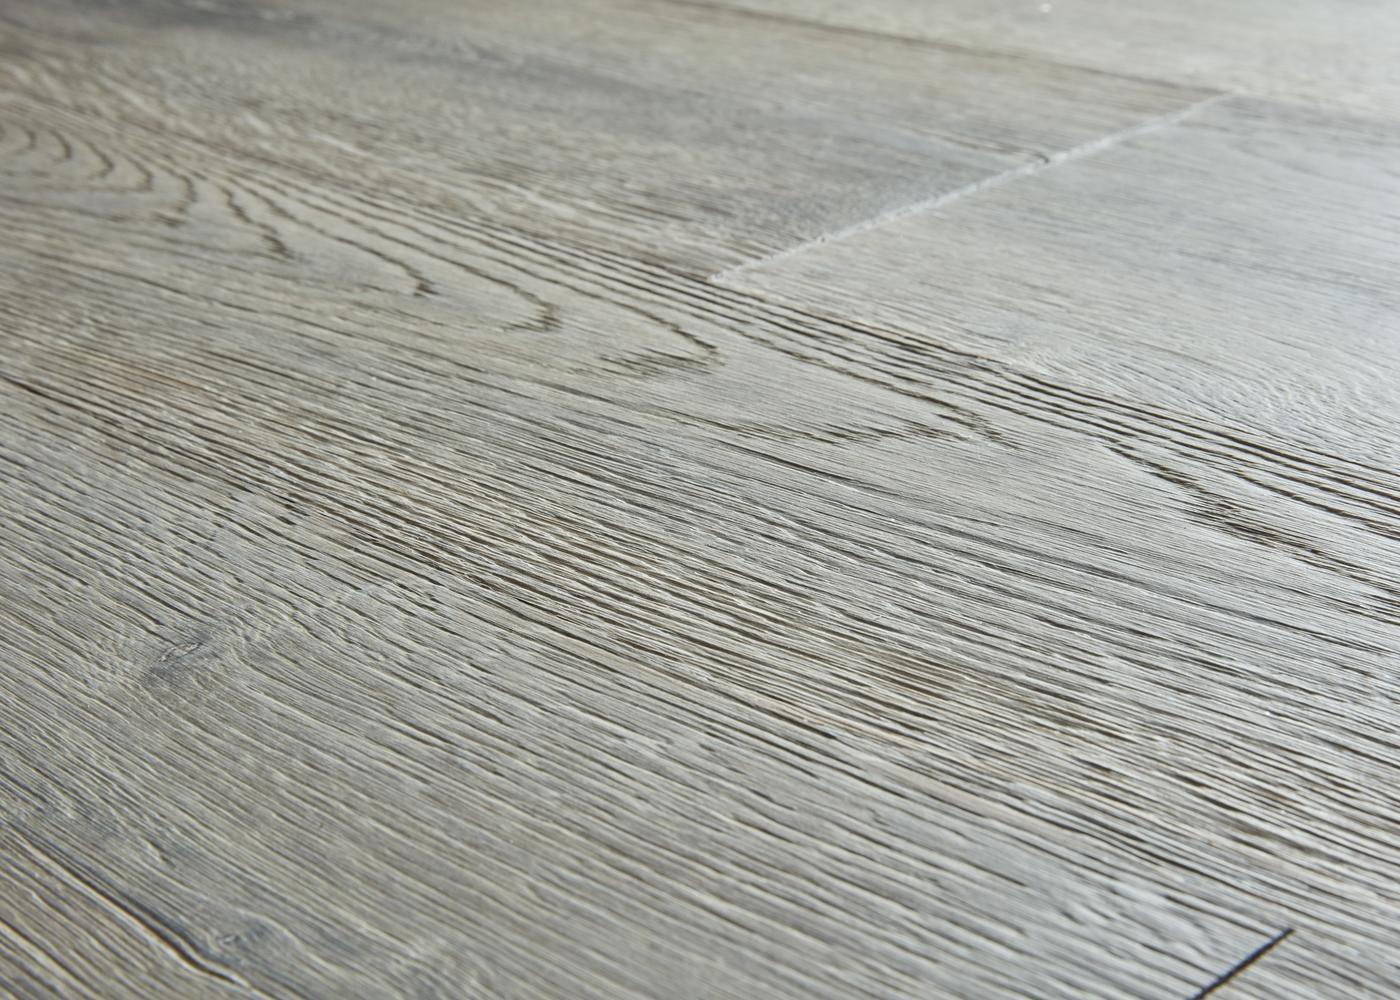 Lot 66 - Parquet chêne contrecollé brossé Gris Méral huile aqua - 50,20 m2